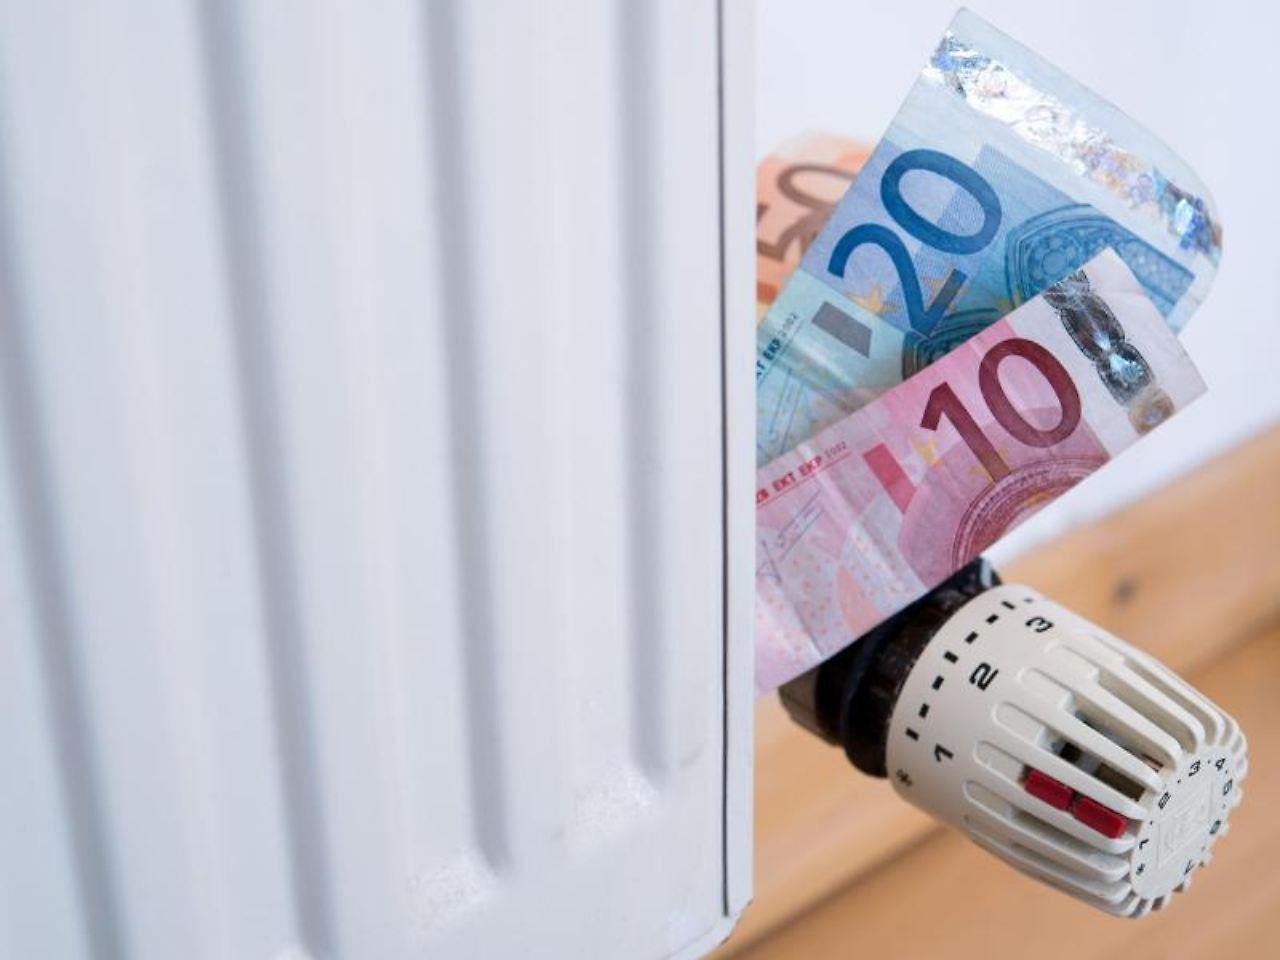 Stromfresser Im Dauerbetrieb: Umwälzpumpe Austauschen - Kosten